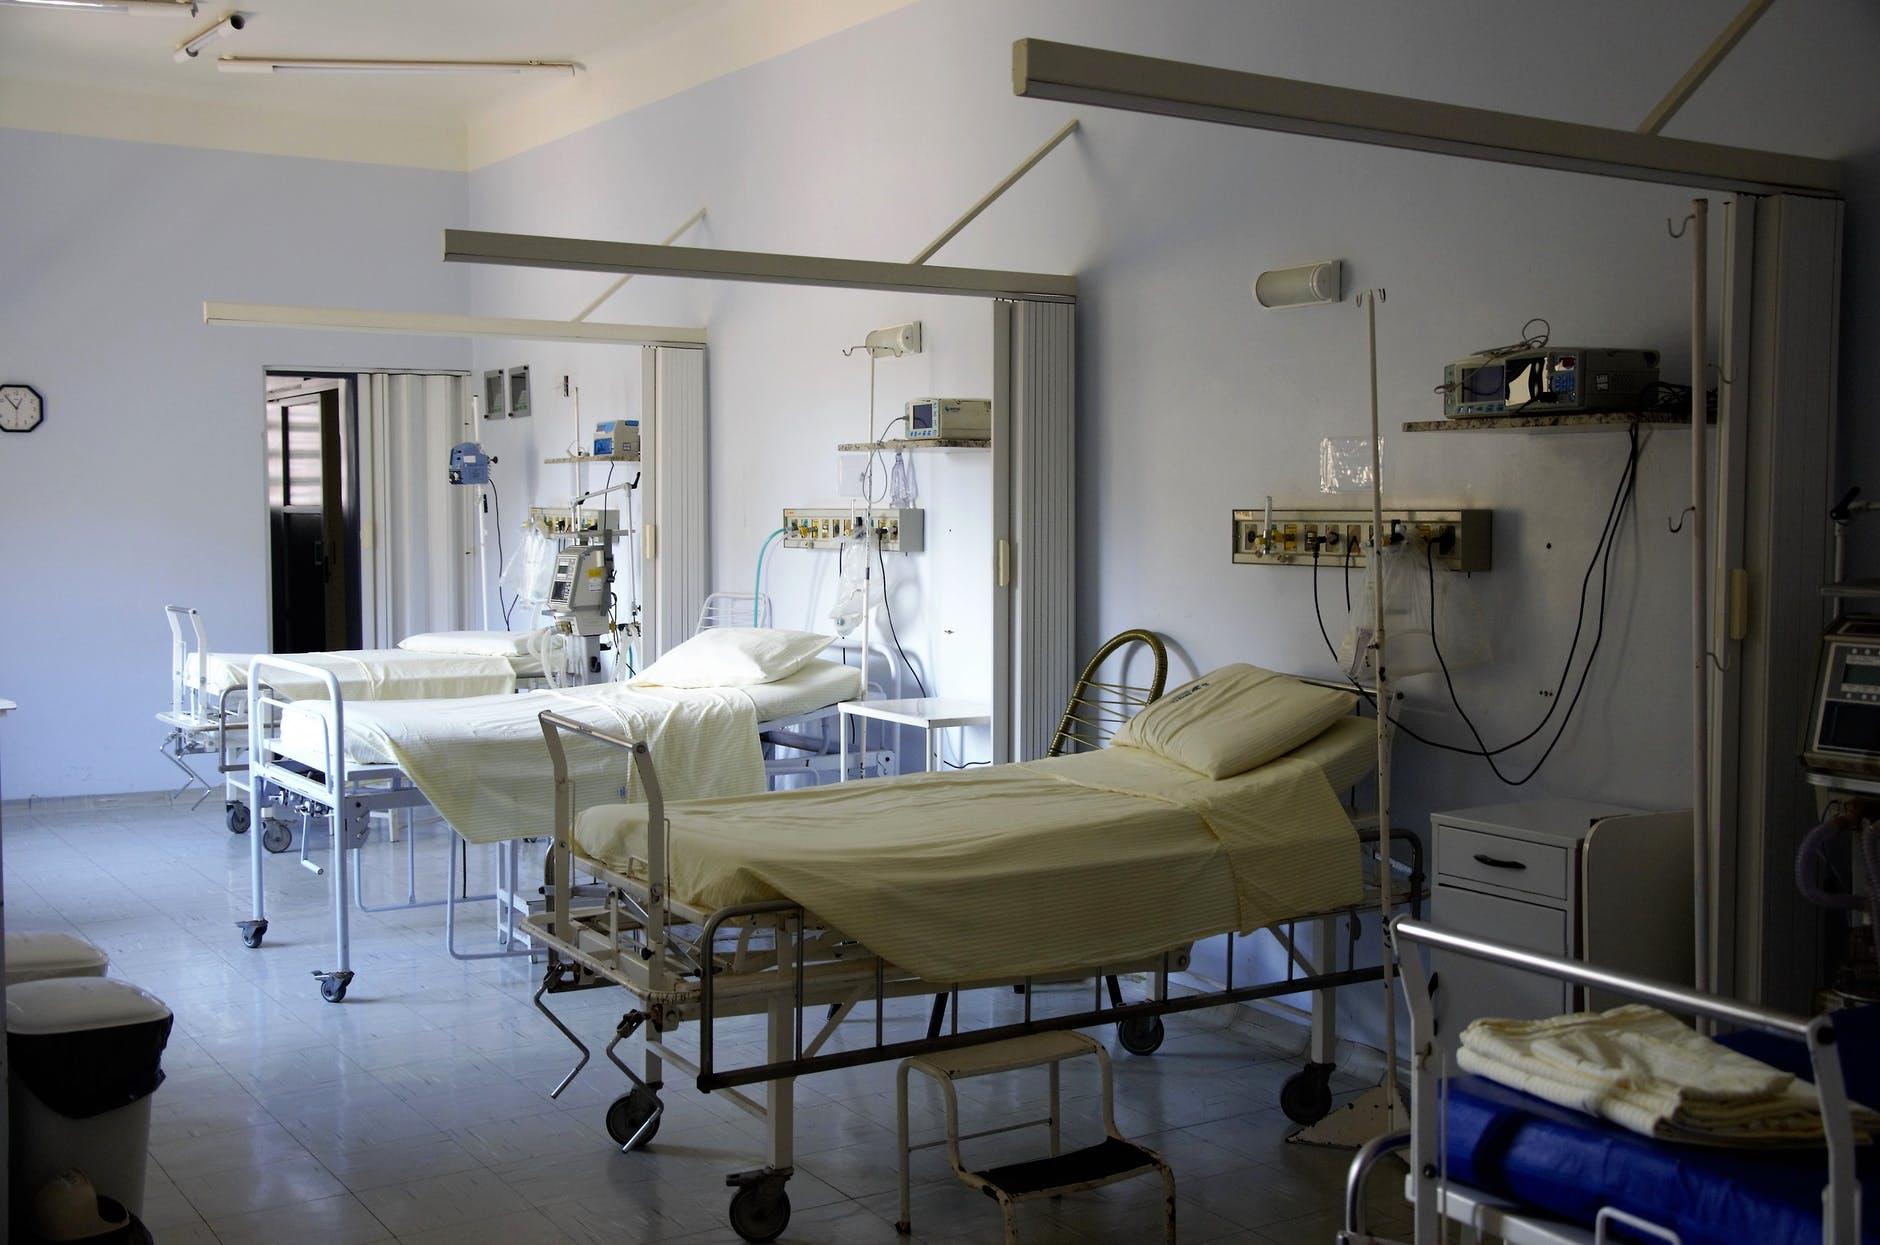 Srbija: 2.142 novih slučajeva, umrlo 29 osoba